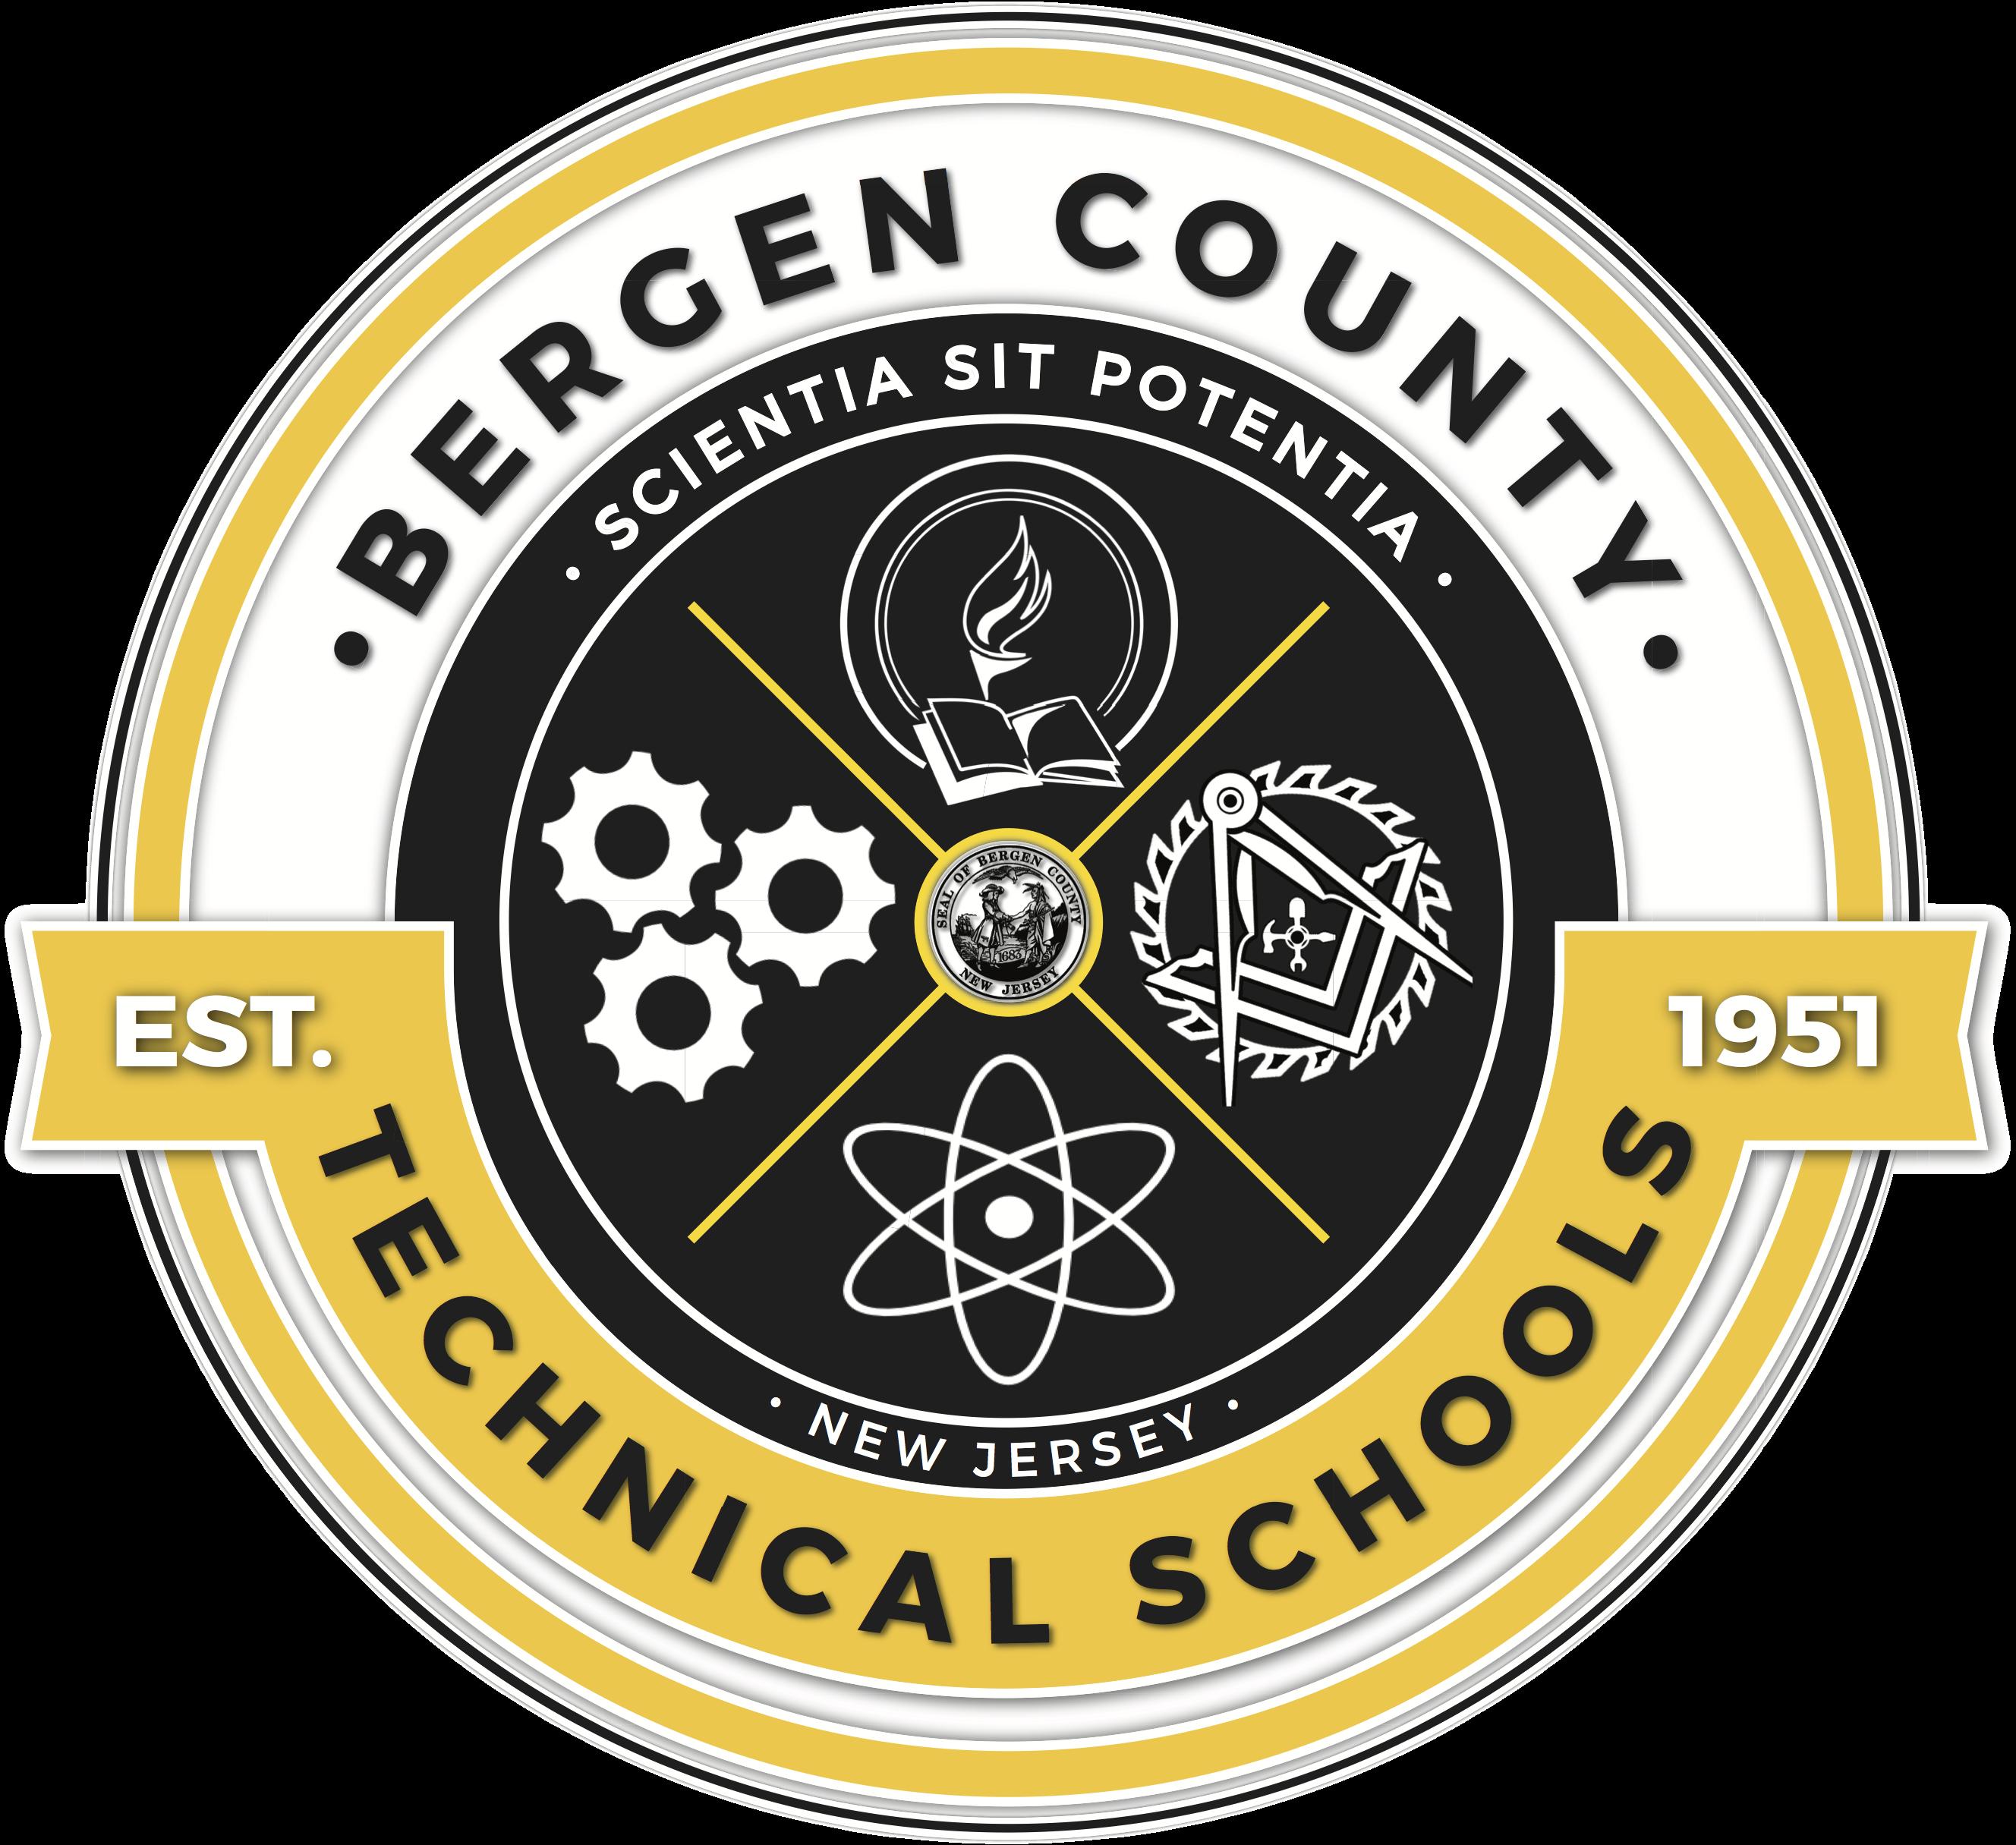 Bergen County Technical Schools logo